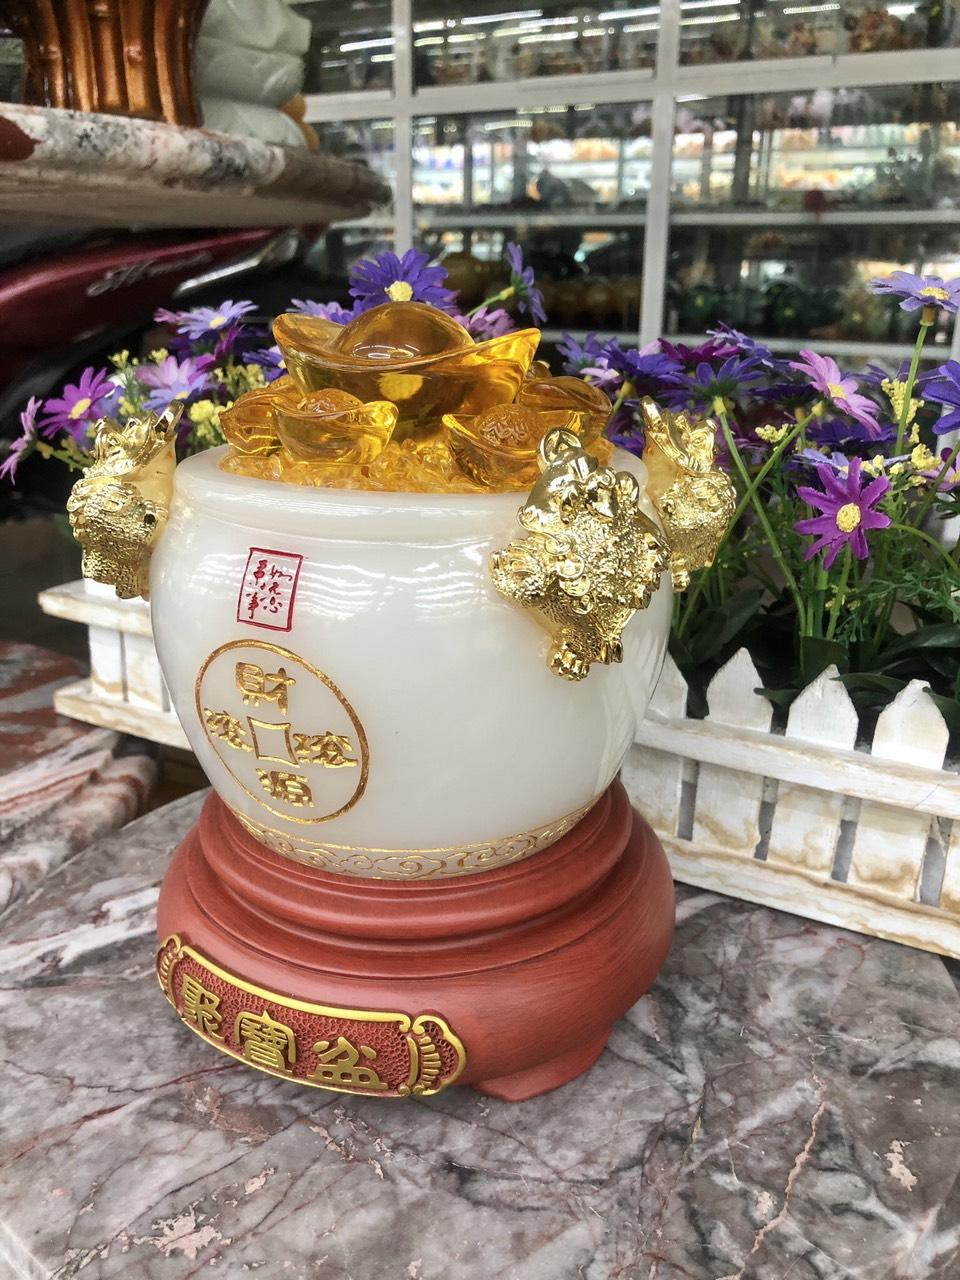 Hủ vàng, Bát Tụ Bảo, Bát tụ tài phong thủy đá bạch ngọc được chạm khắc thêm 4 con thiềm thừ chiêu nạp tài lộc - Cao 18cm